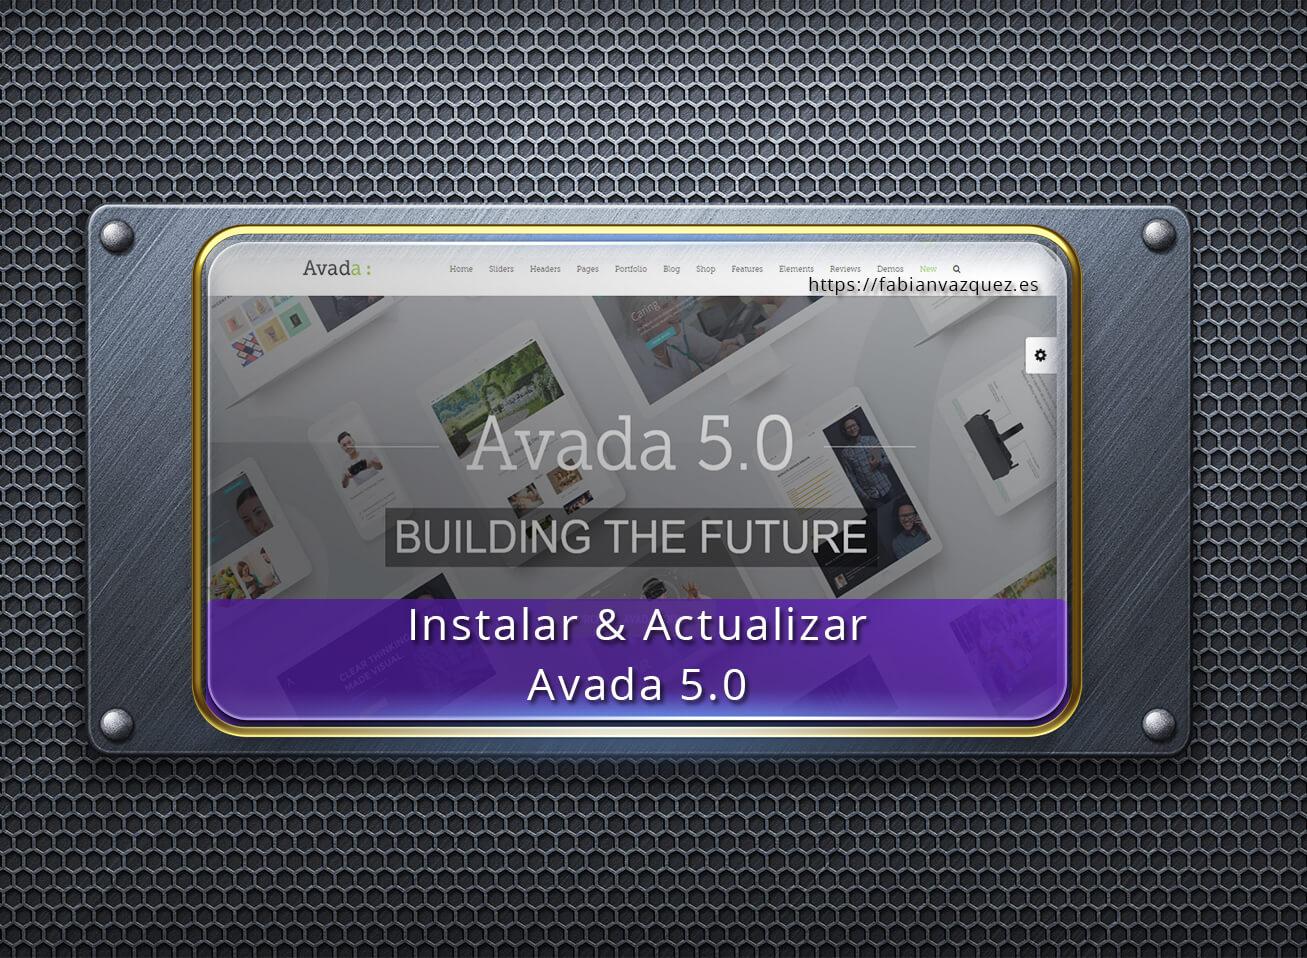 3a54cc2cc8a Instalar y Actualizar Avada 5.0. Te explico todo el proceso